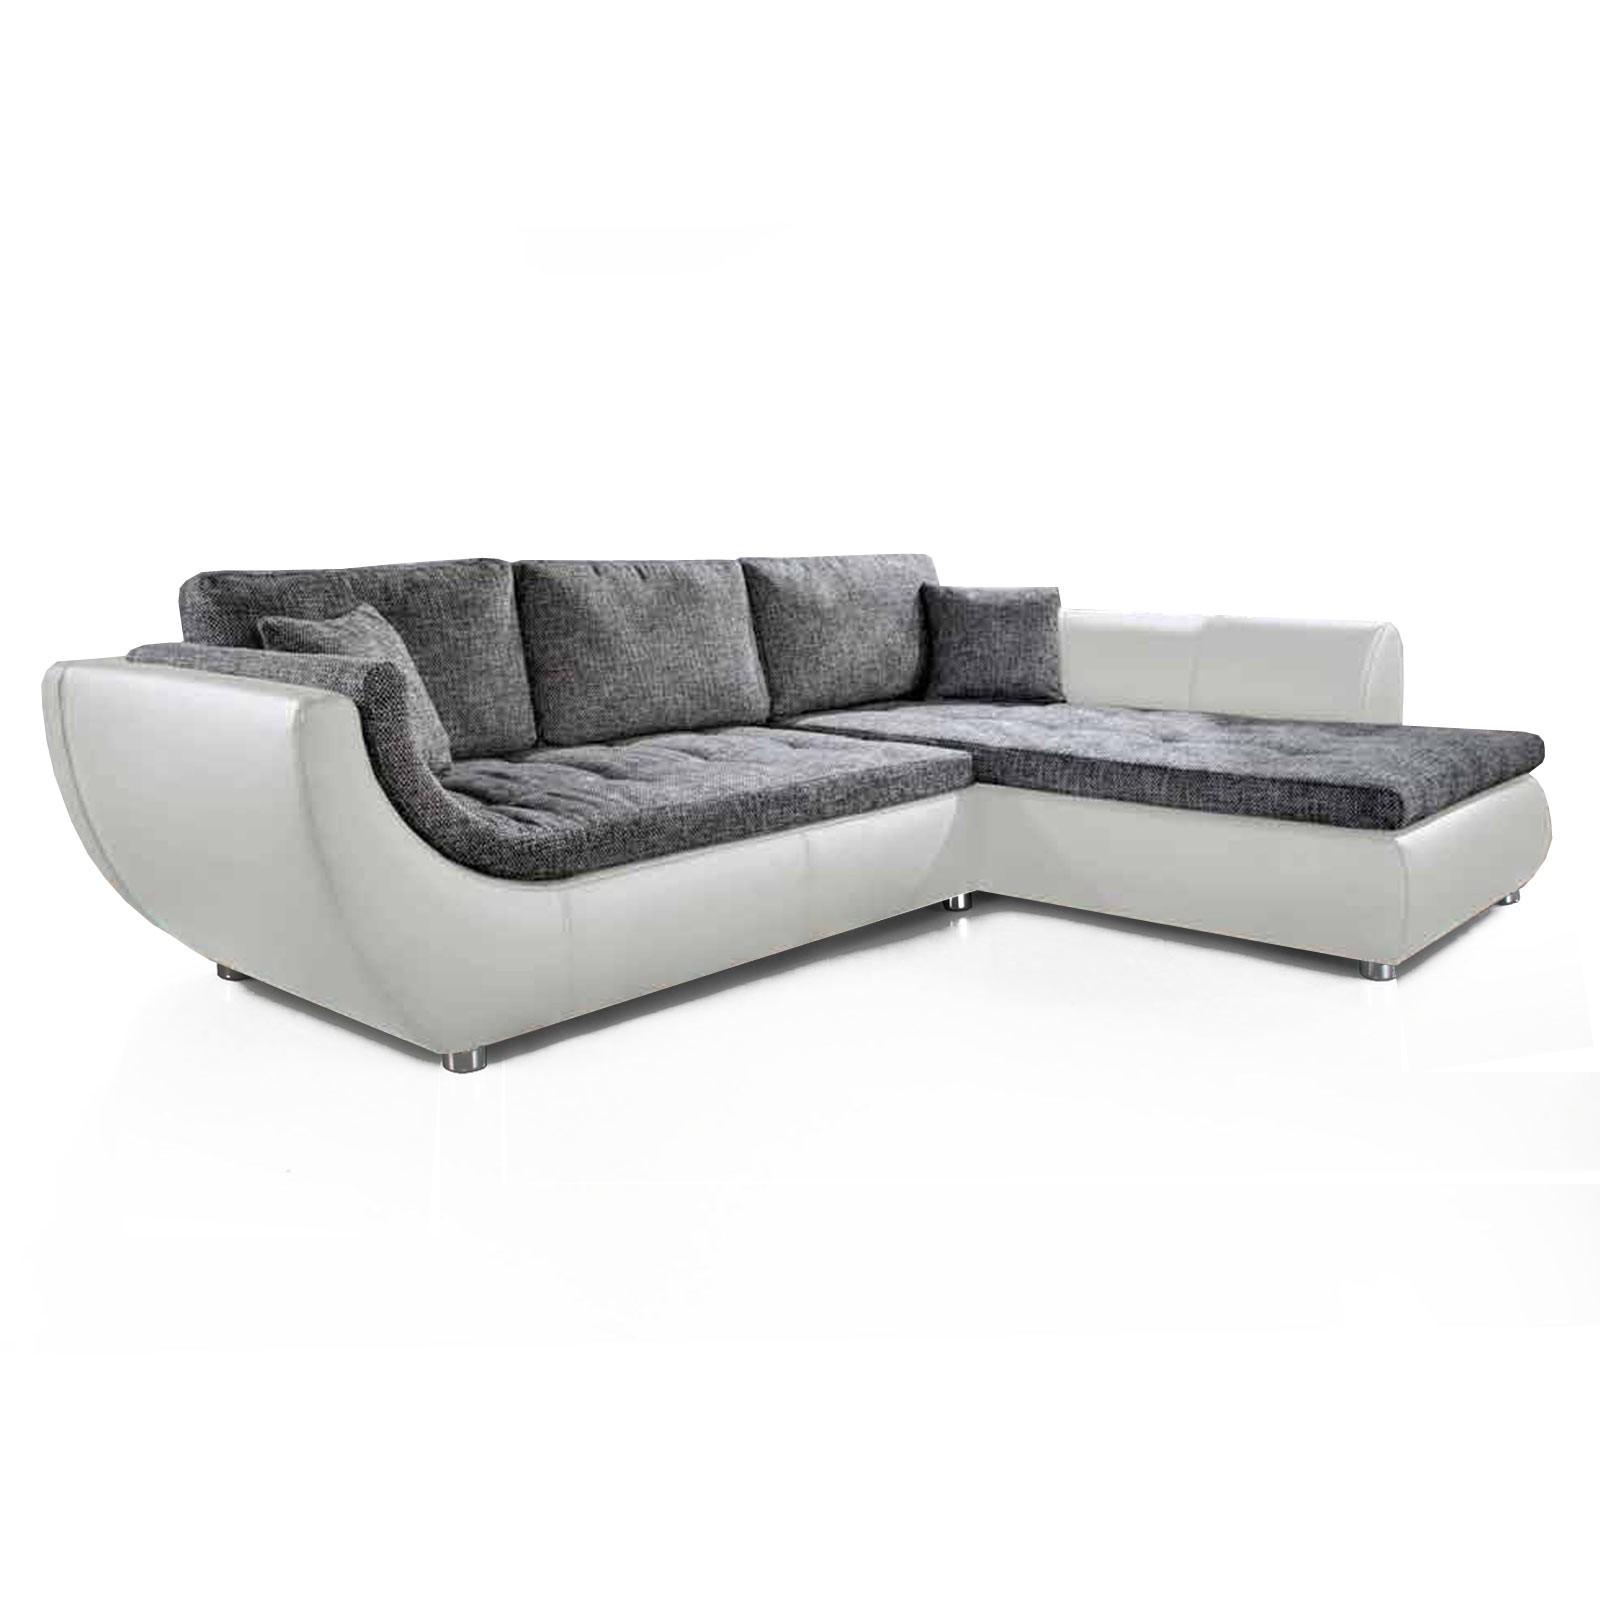 goedkoop Hoekbank Nikolas kunstleer geweven stof longchair vooraanzicht rechts Wit grijs Home Design